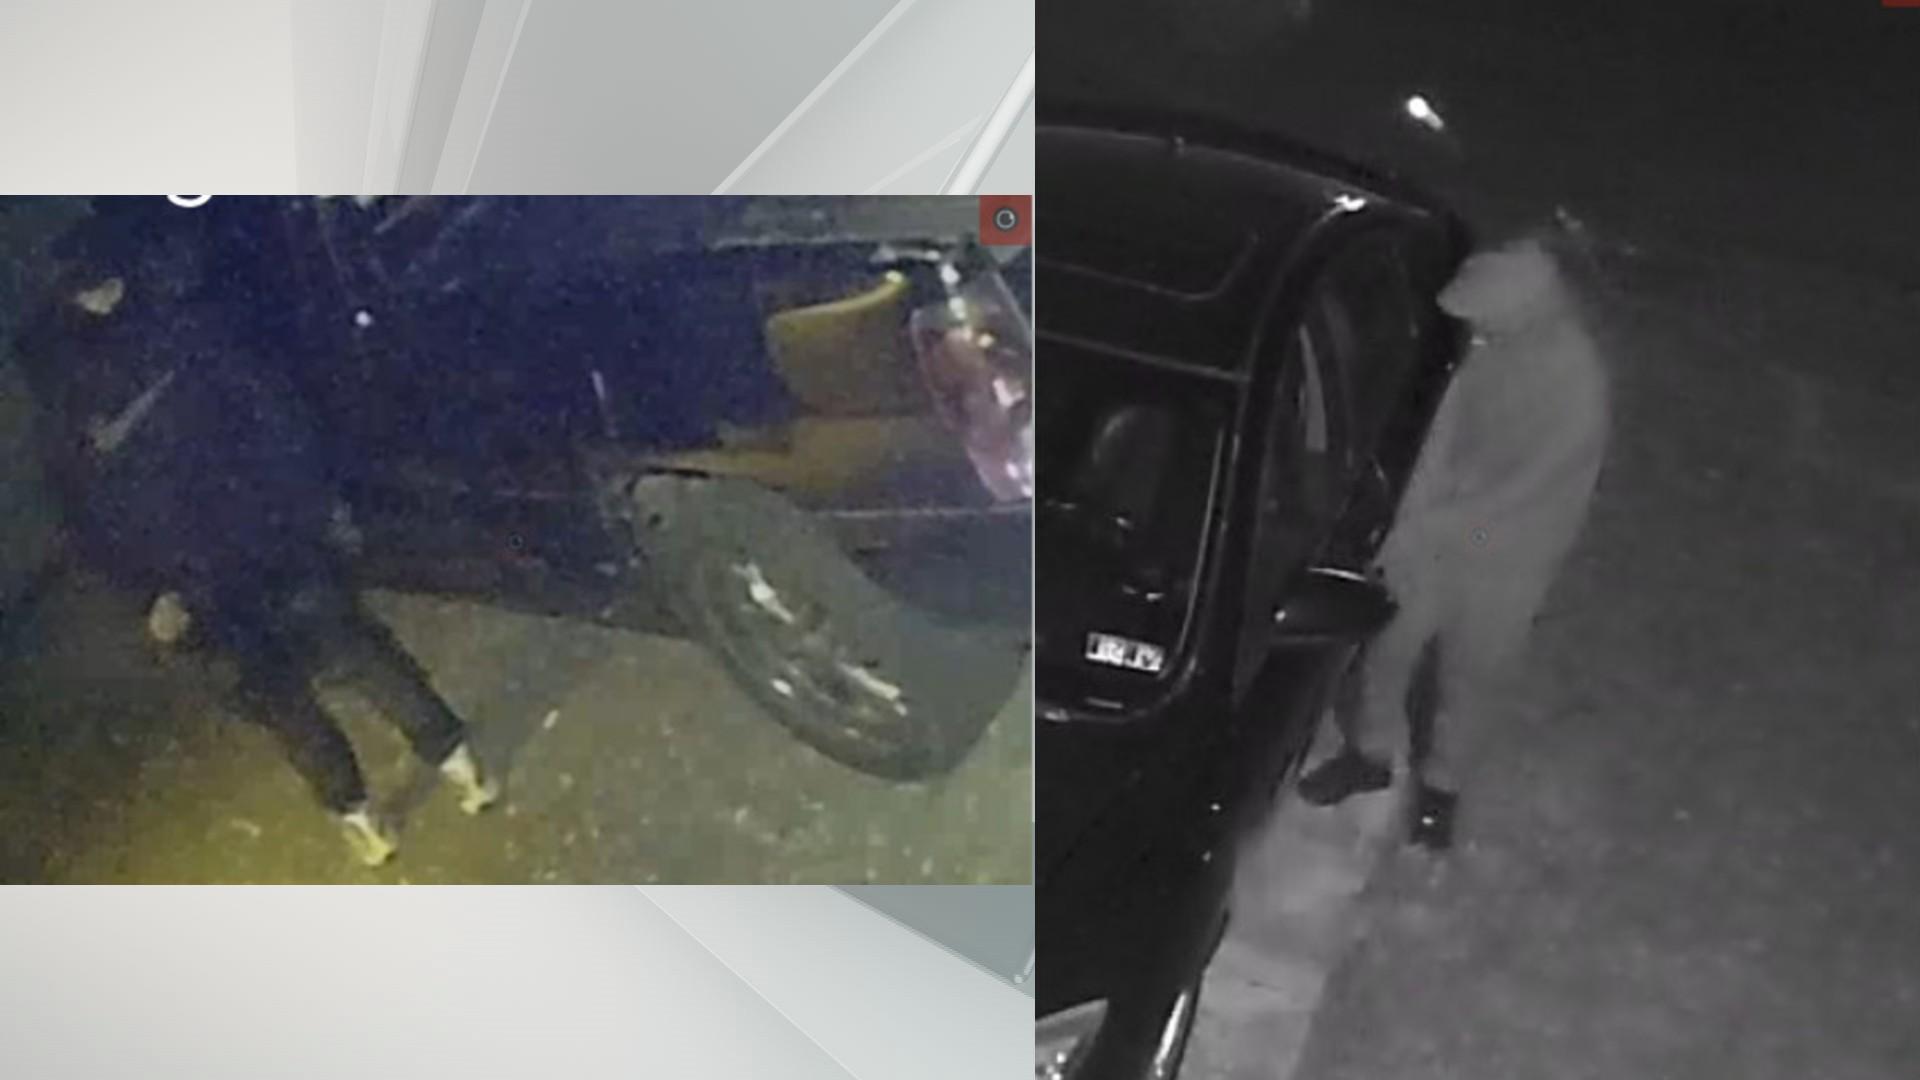 Auto thieves